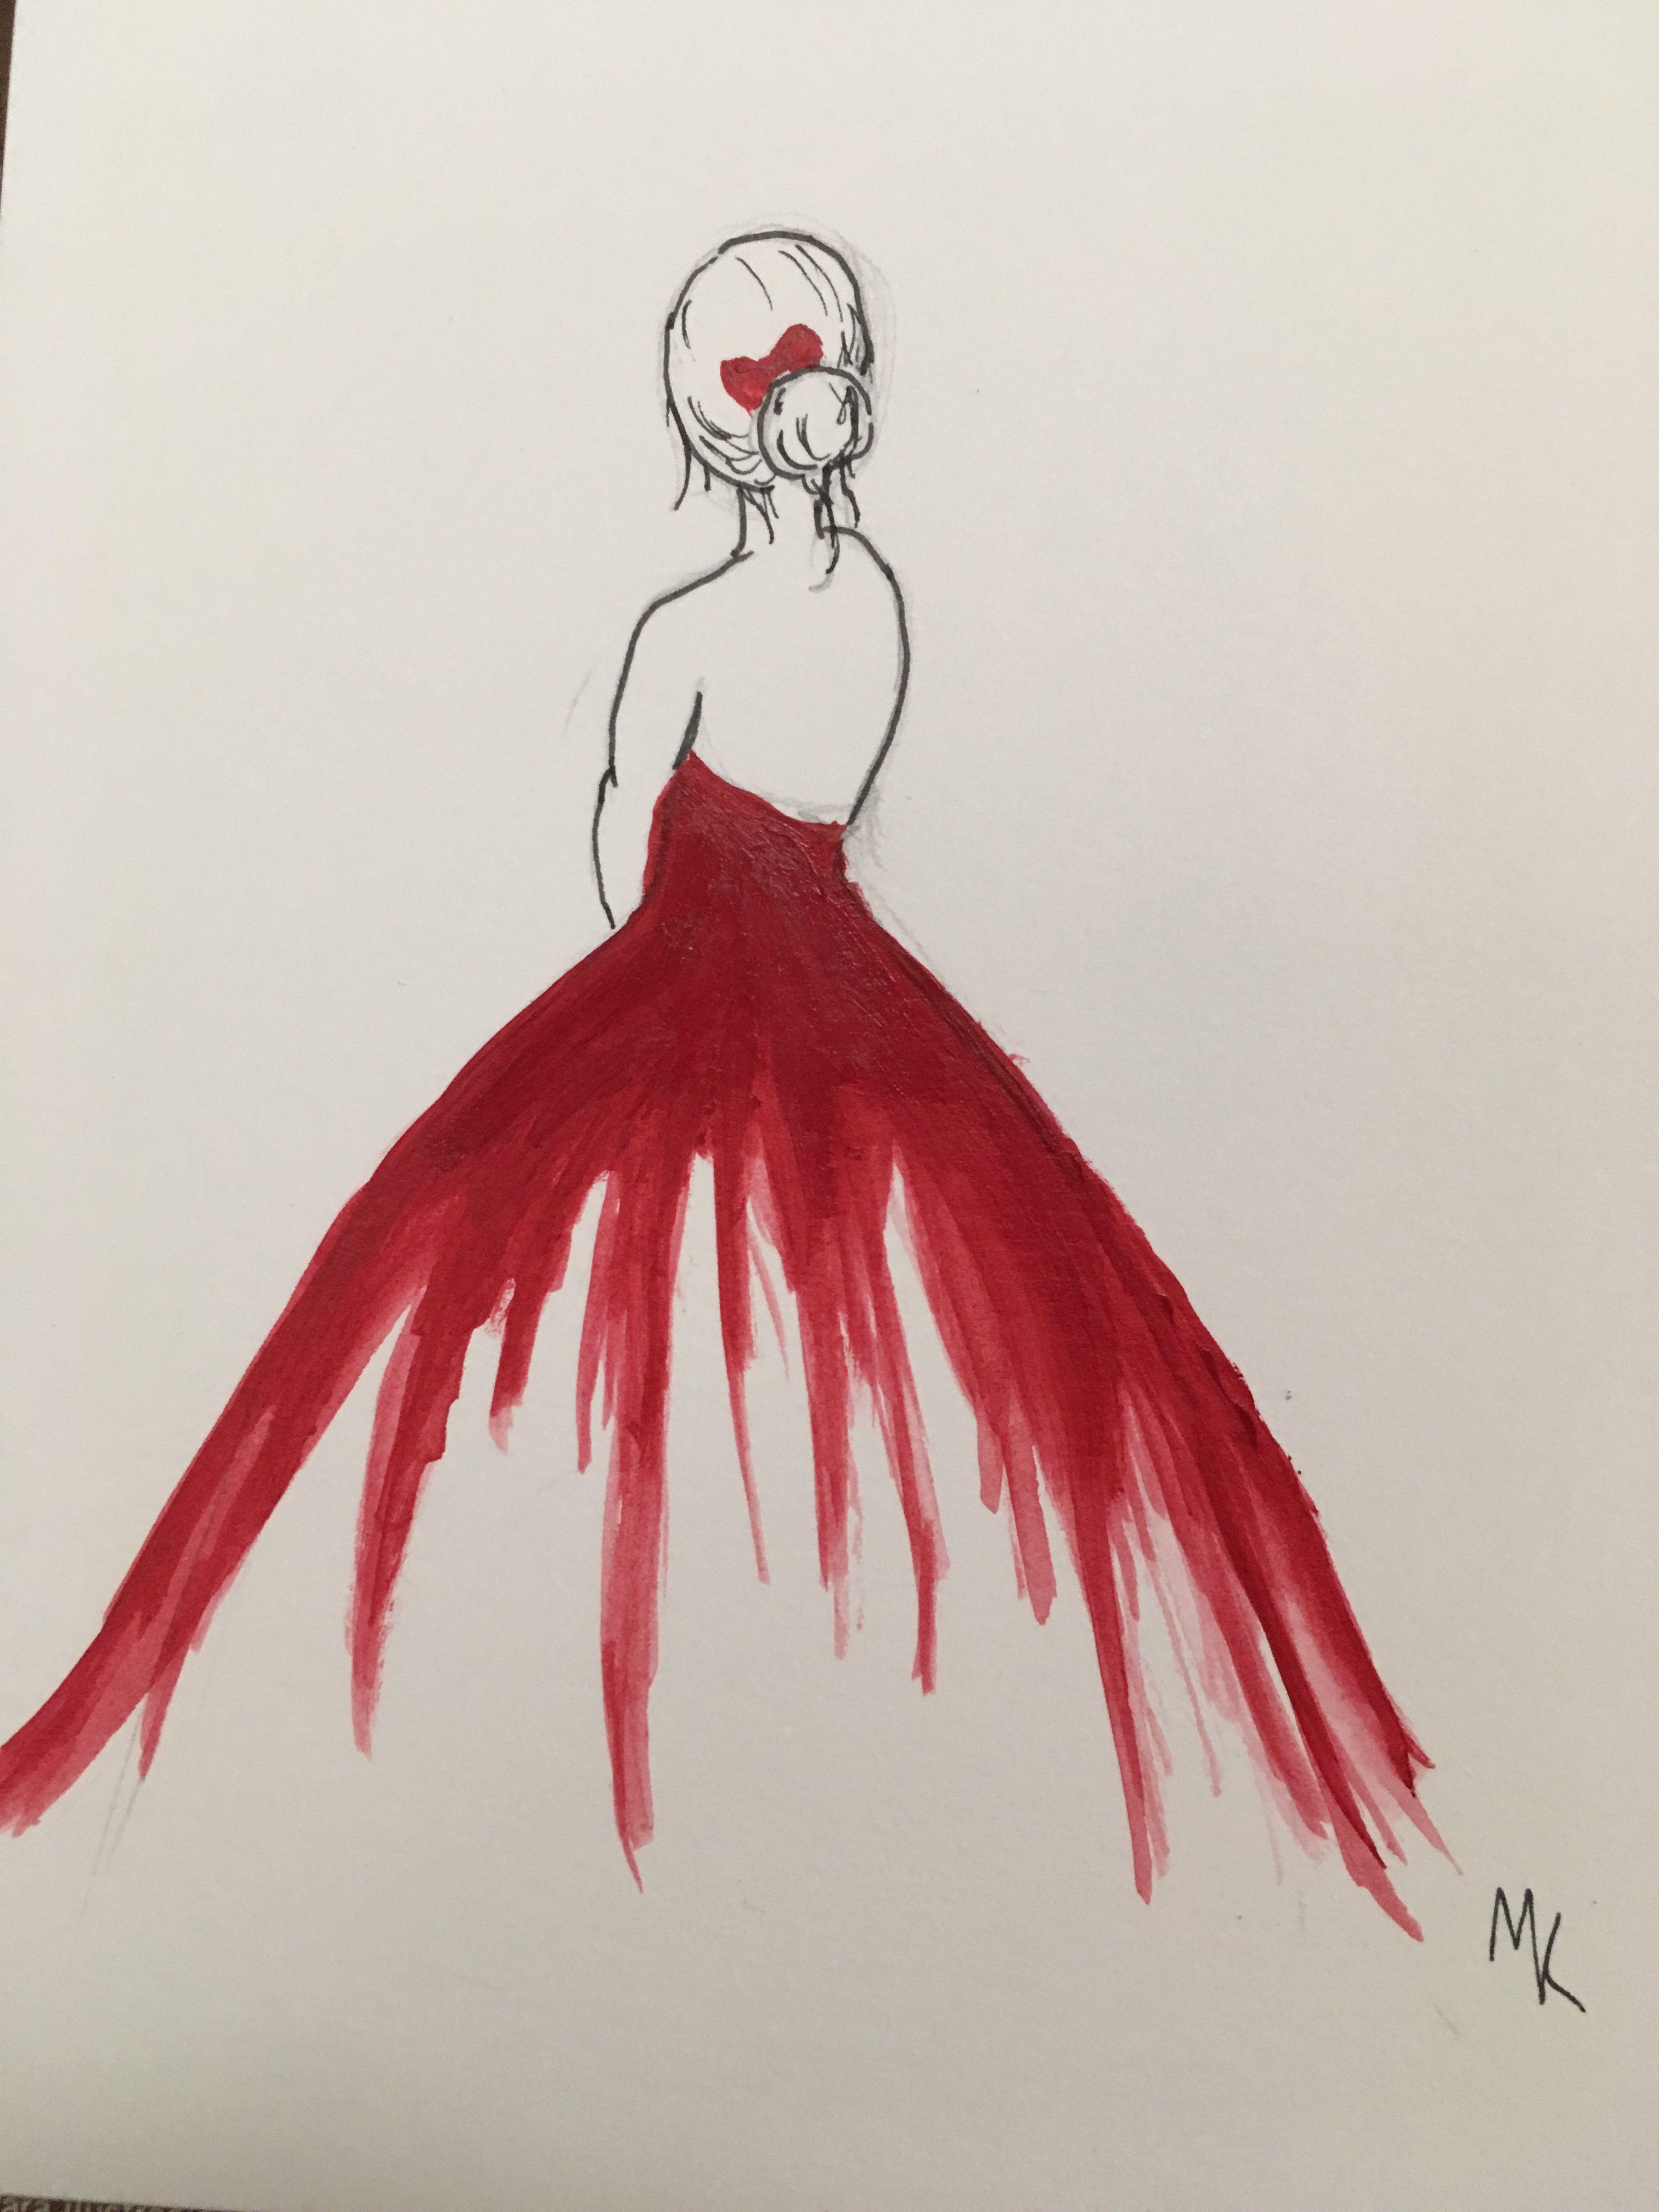 Scarlet Artwork By Megan Trahan Art Drawings Sketches Creative Art Drawings Sketches Art Drawings Sketches Simple